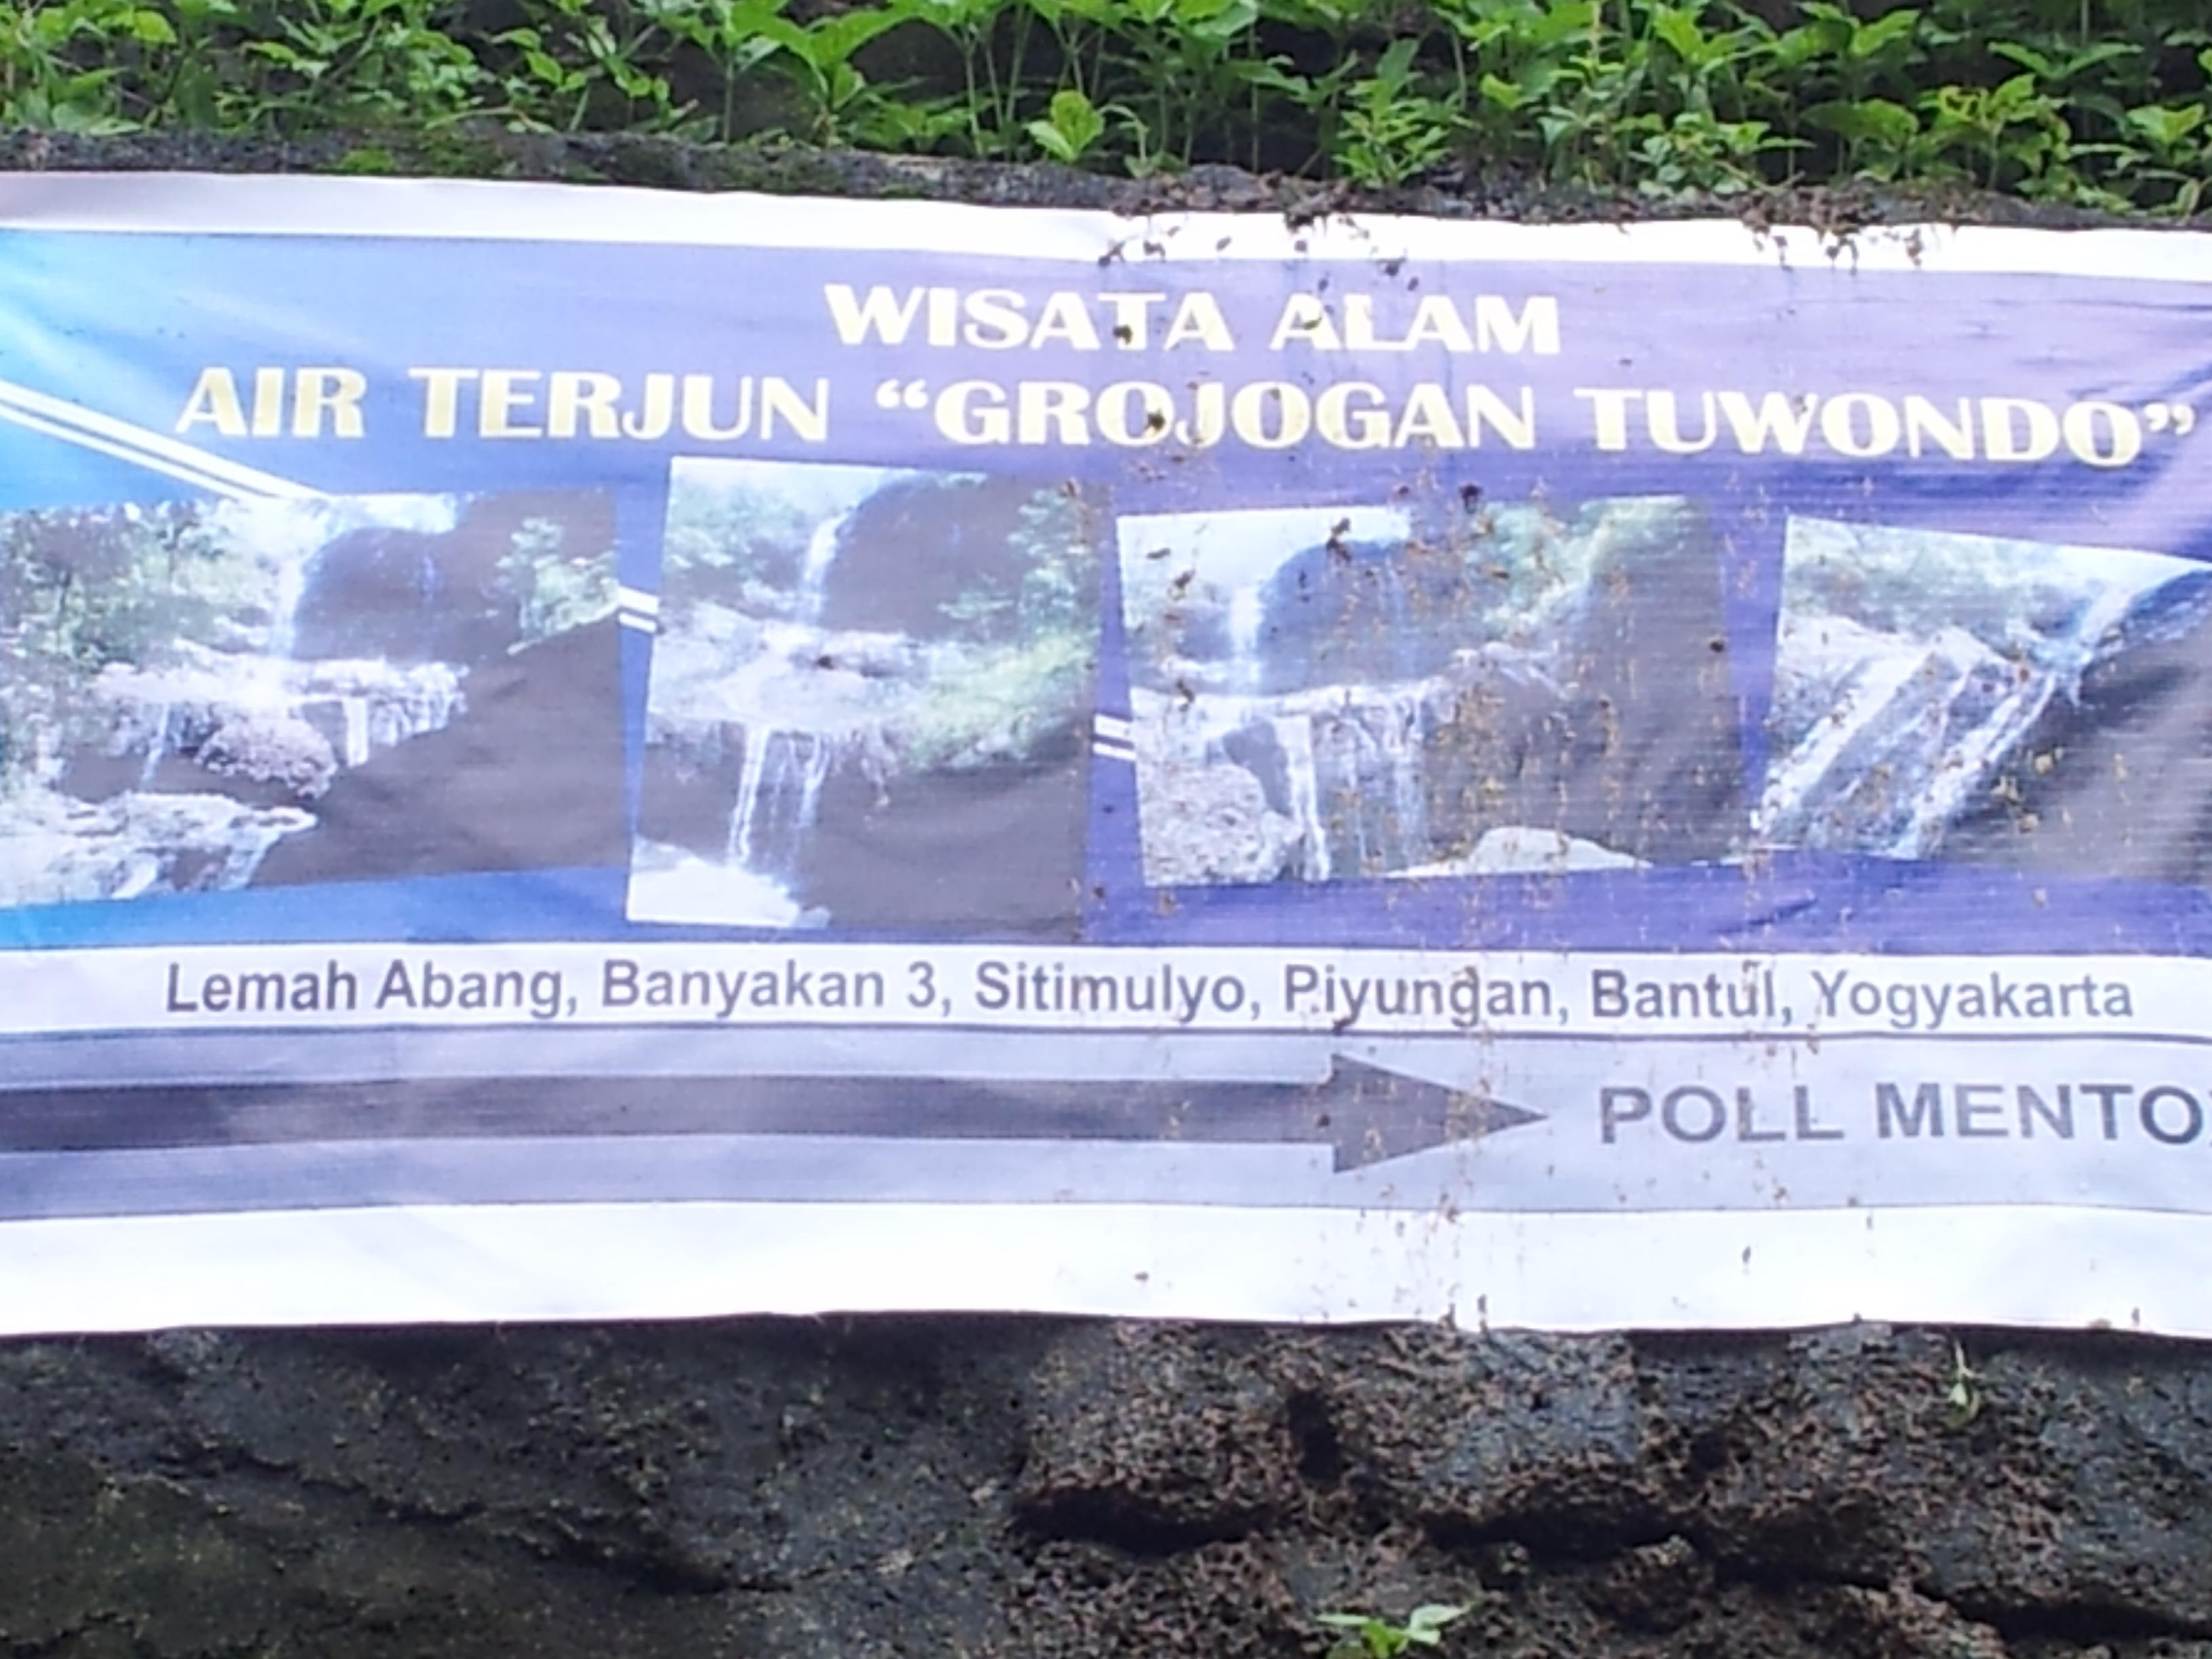 Pesona Airterjun Grojogan Tuwondo Jogja Picnic Gambar Atas Titik Mulai